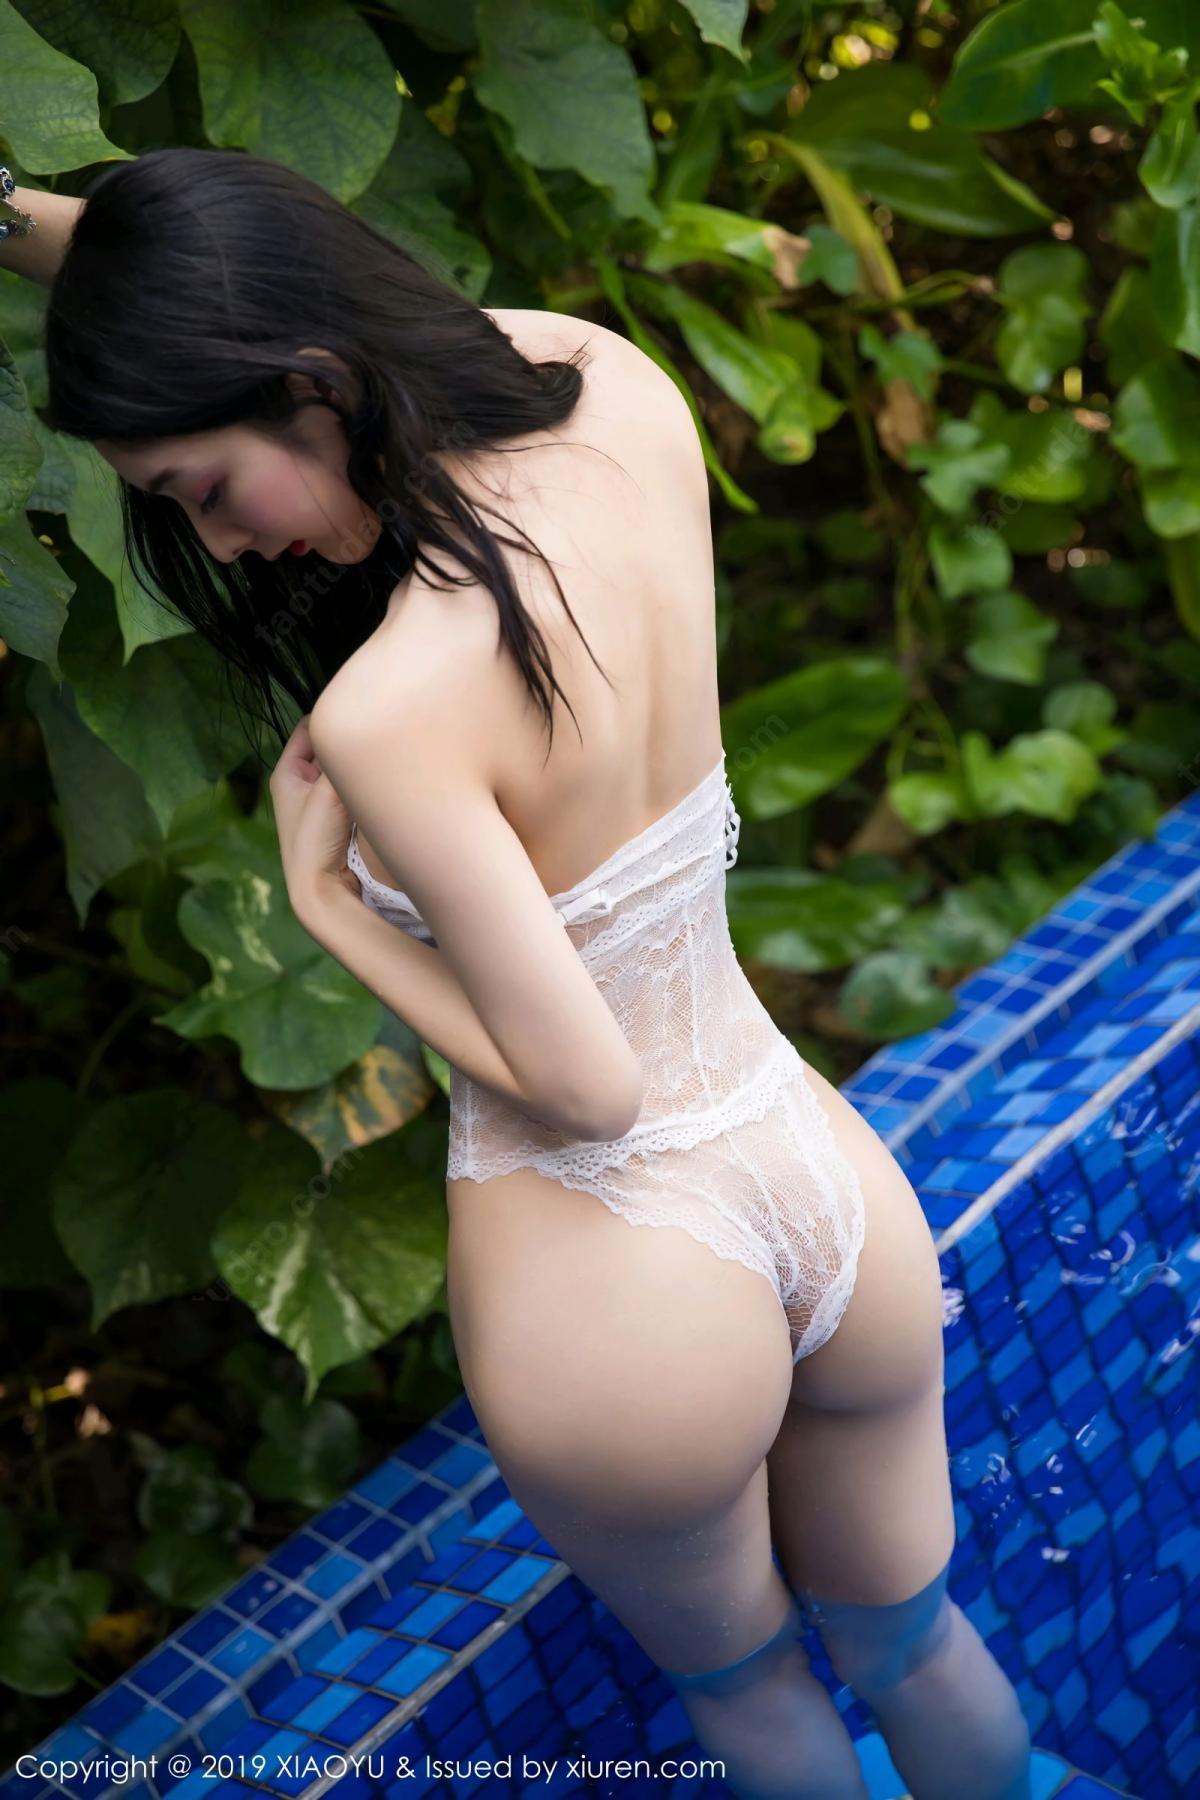 [XiaoYu] Vol.106 Di Yi 25P, Bikini, Di Yi, Swim Pool, Wet, XiaoYu